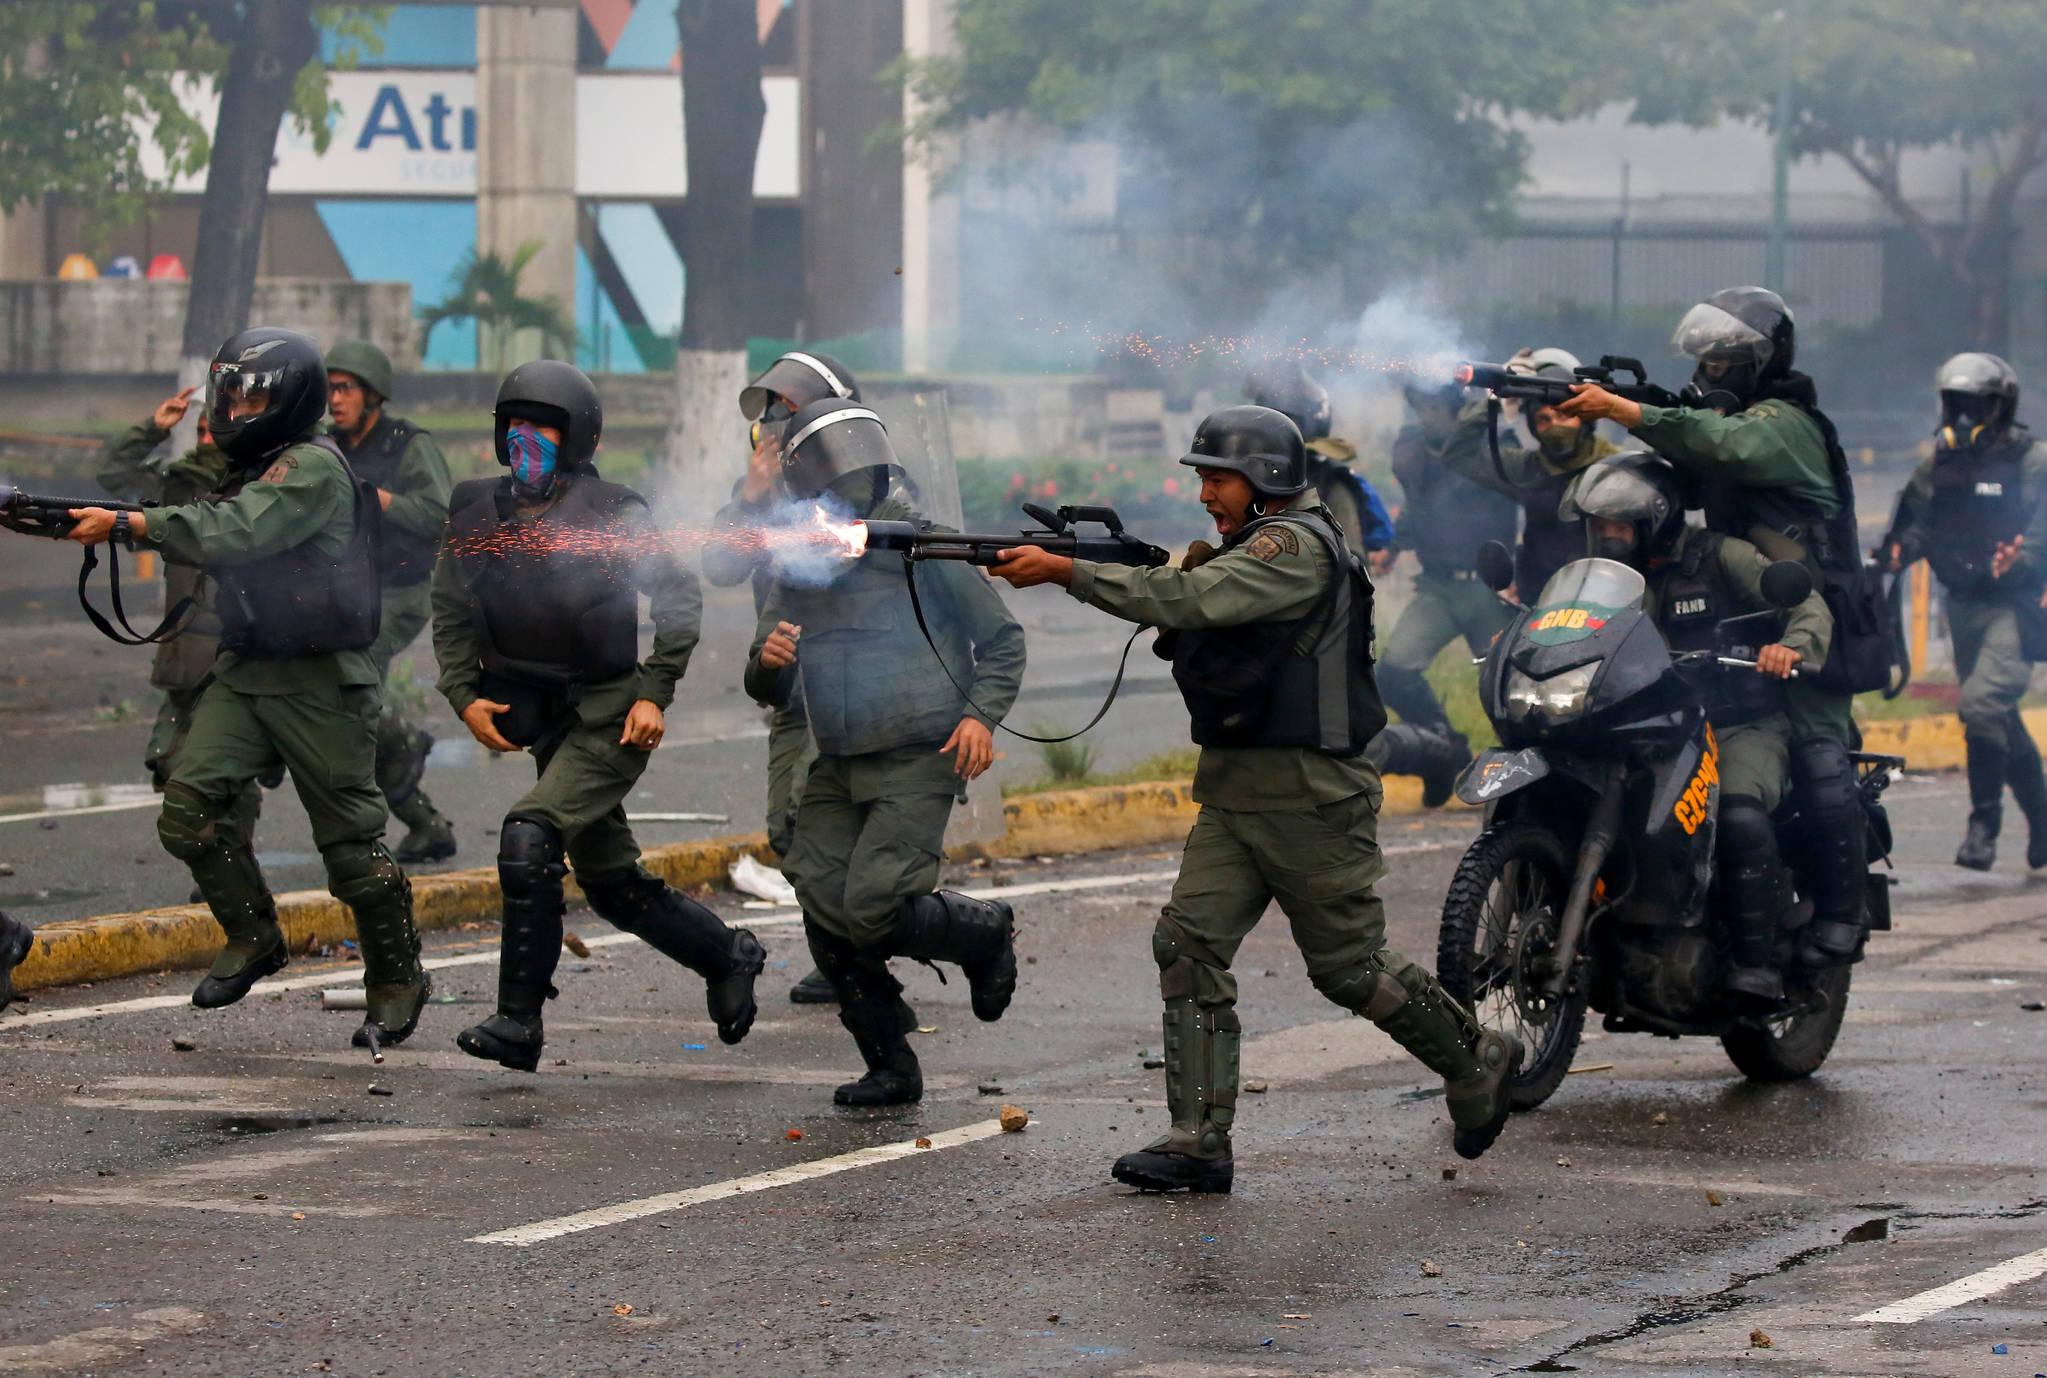 7월 28일. 베네수엘라 시위대에 발포하는 진압군. [REUTERS=연합뉴스/Carlos Garcia Rawlins]